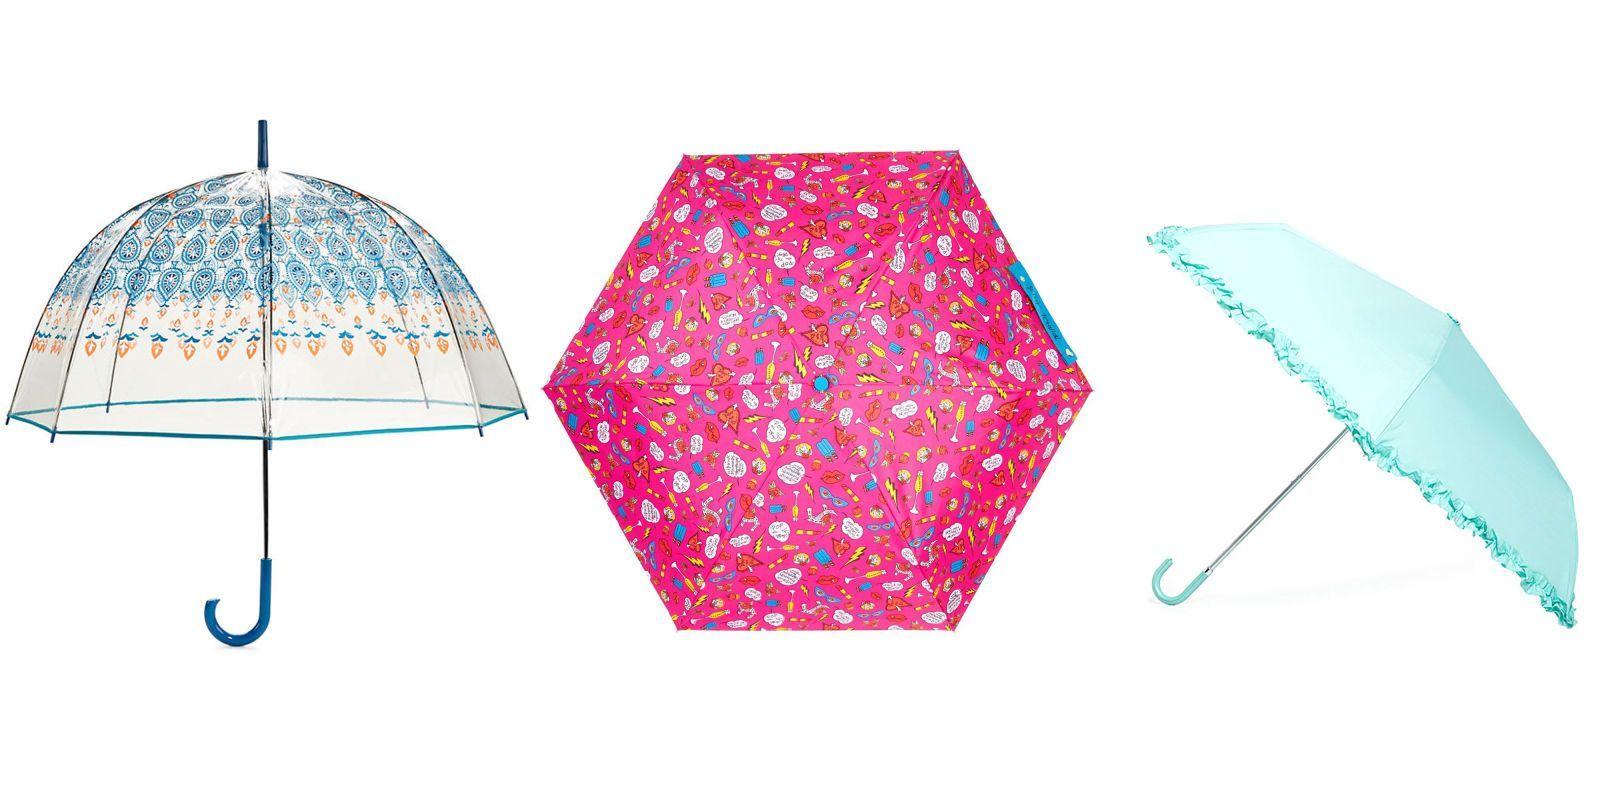 10 Super-Cute Umbrellas That Will Have You Singing in the Rain #cuteumbrellas 10 Super-Cute Umbrellas That Will Have You Singing in the Rain  - Seventeen.com #cuteumbrellas